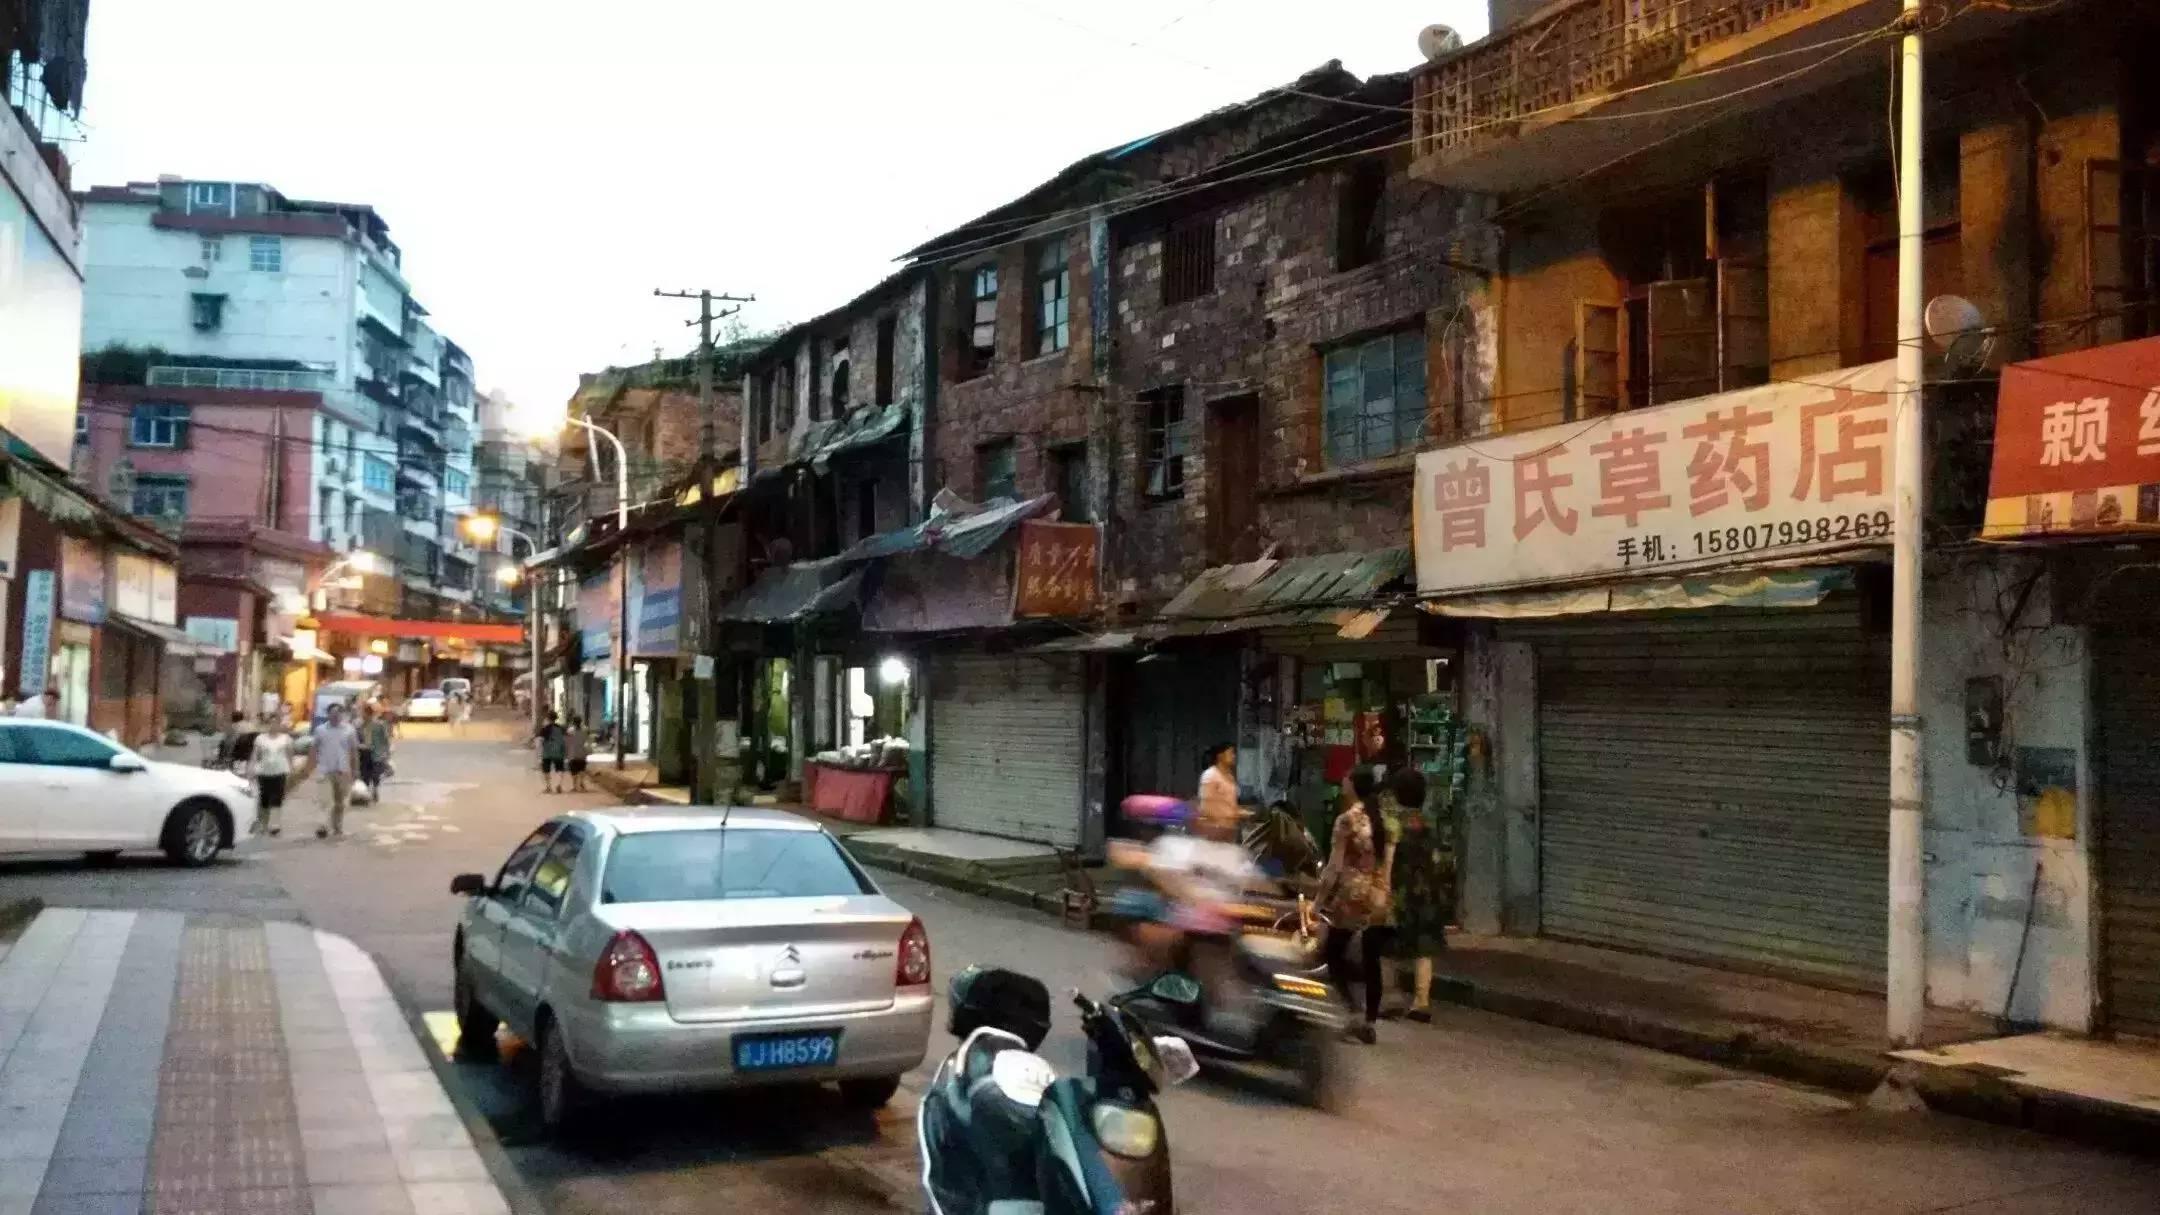 【萍乡记忆】正大街,一条仅存的古街